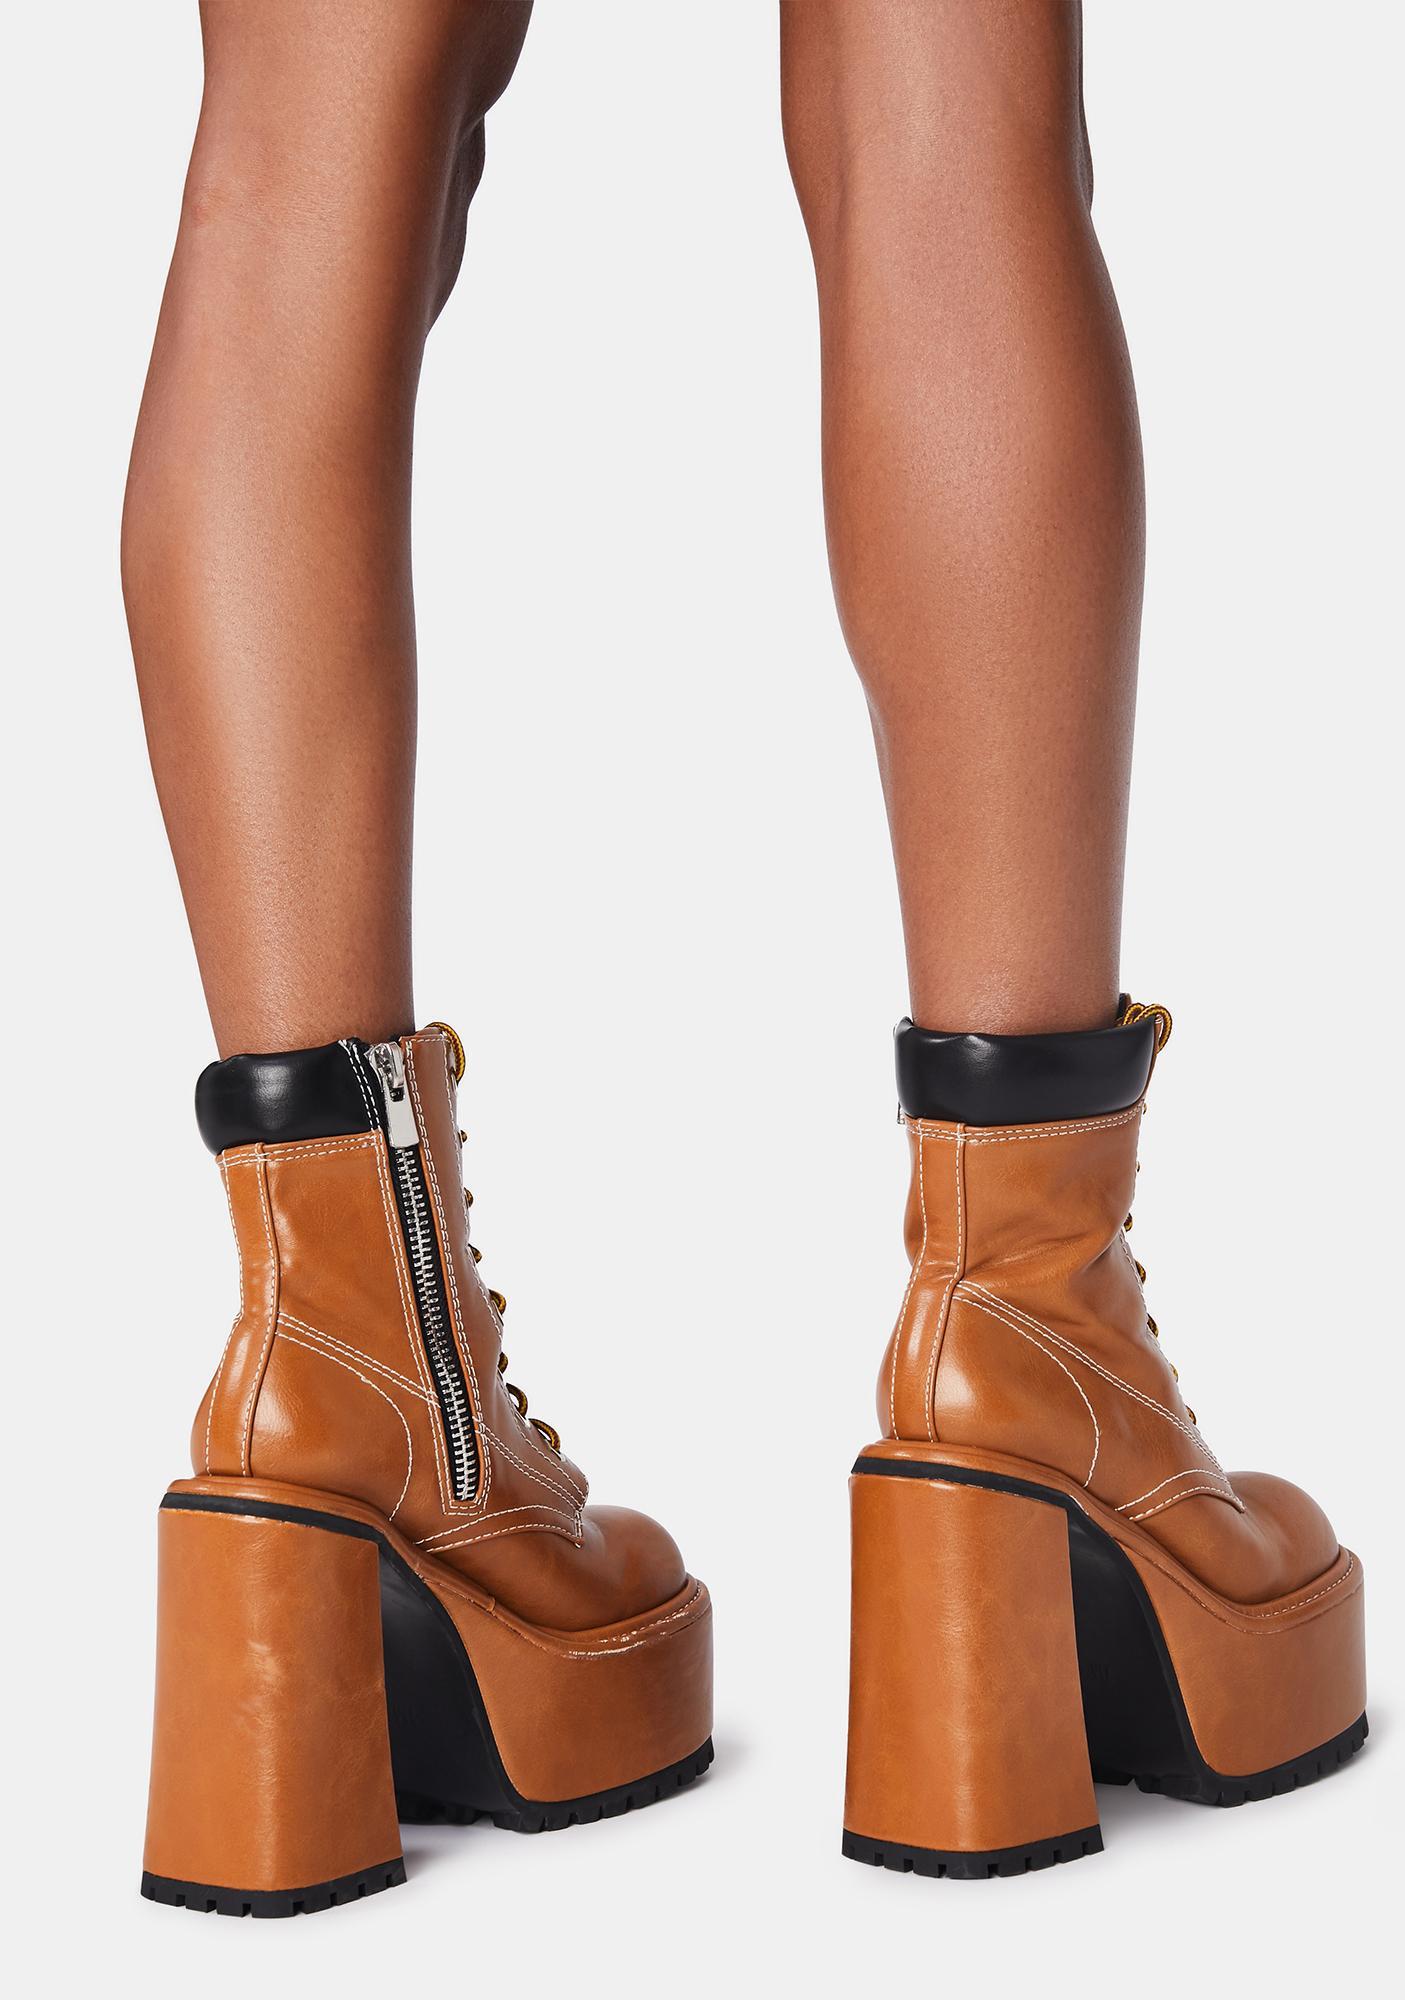 Dolls Kill x Bratz Lady Boss Combat Boots